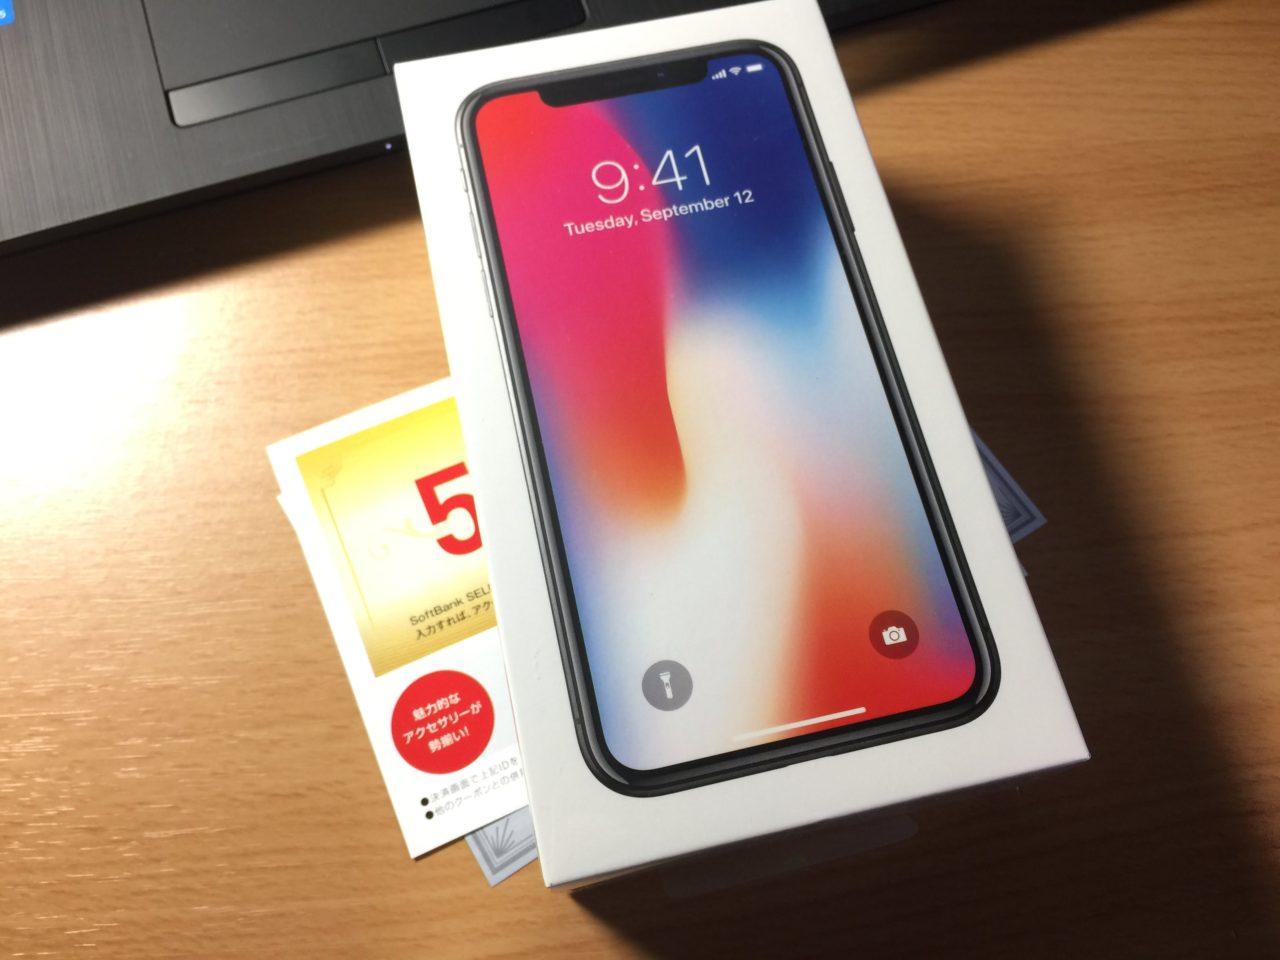 備忘録:iPhone 6 Plus から iPhone X への移行